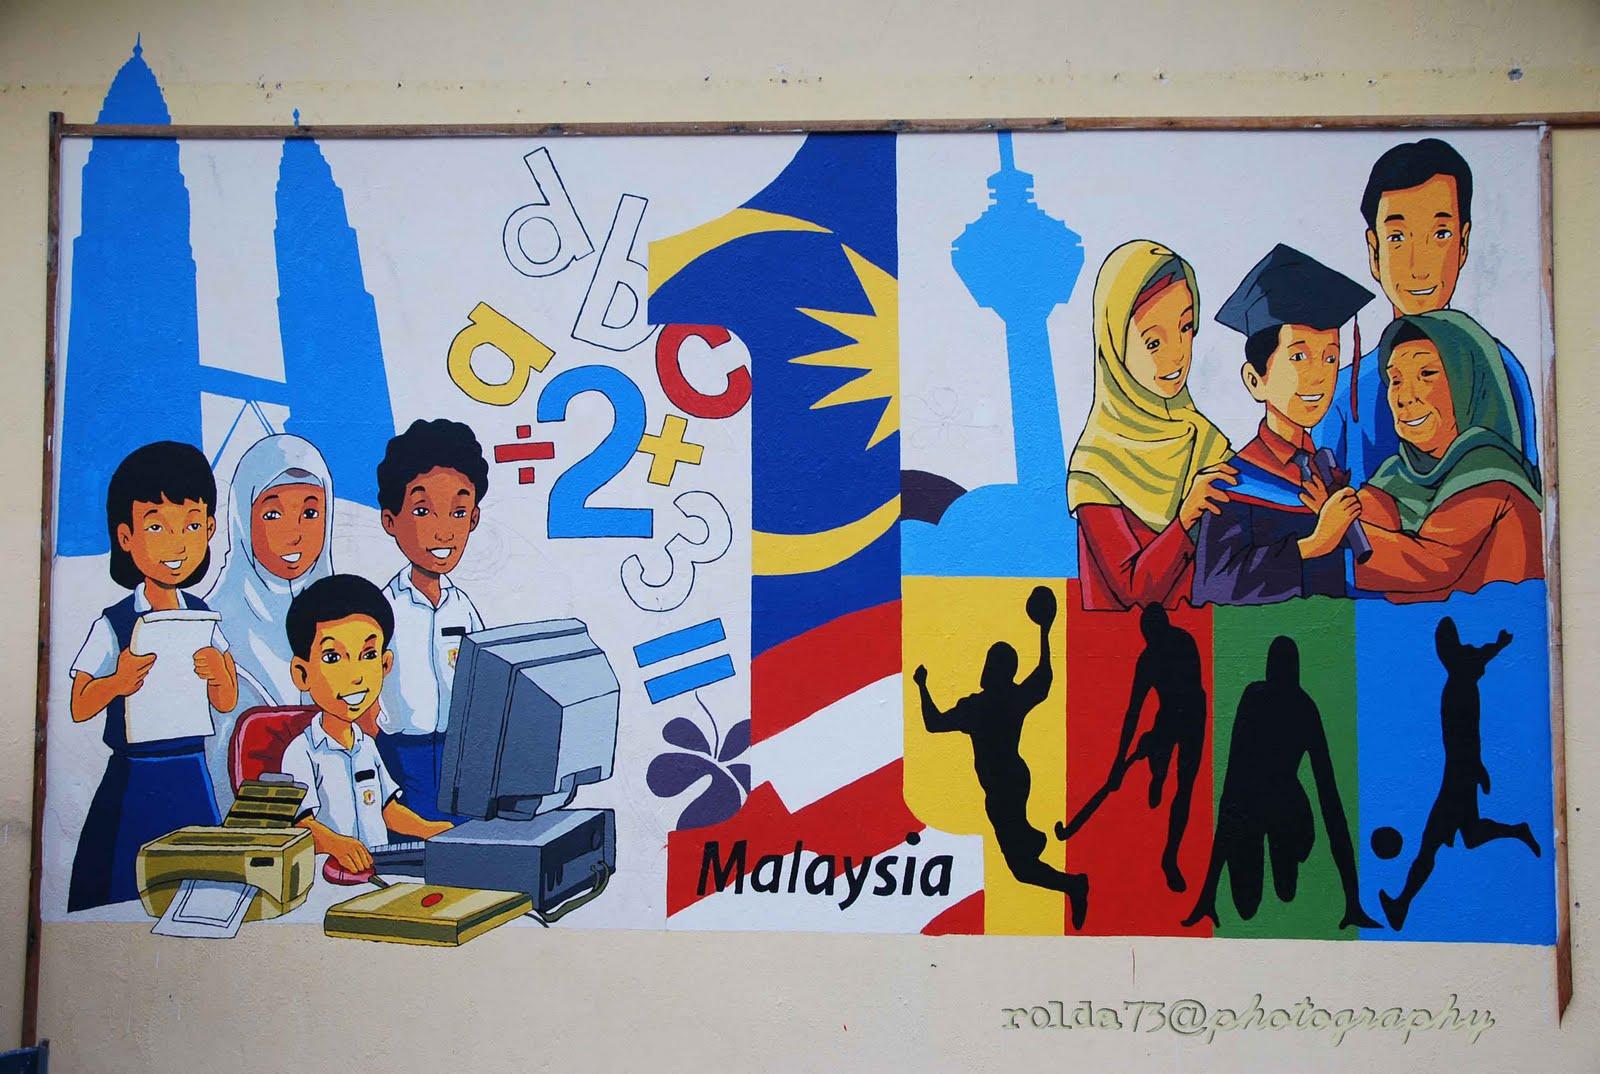 Pin mural sekolah on pinterest for Mural sekolah